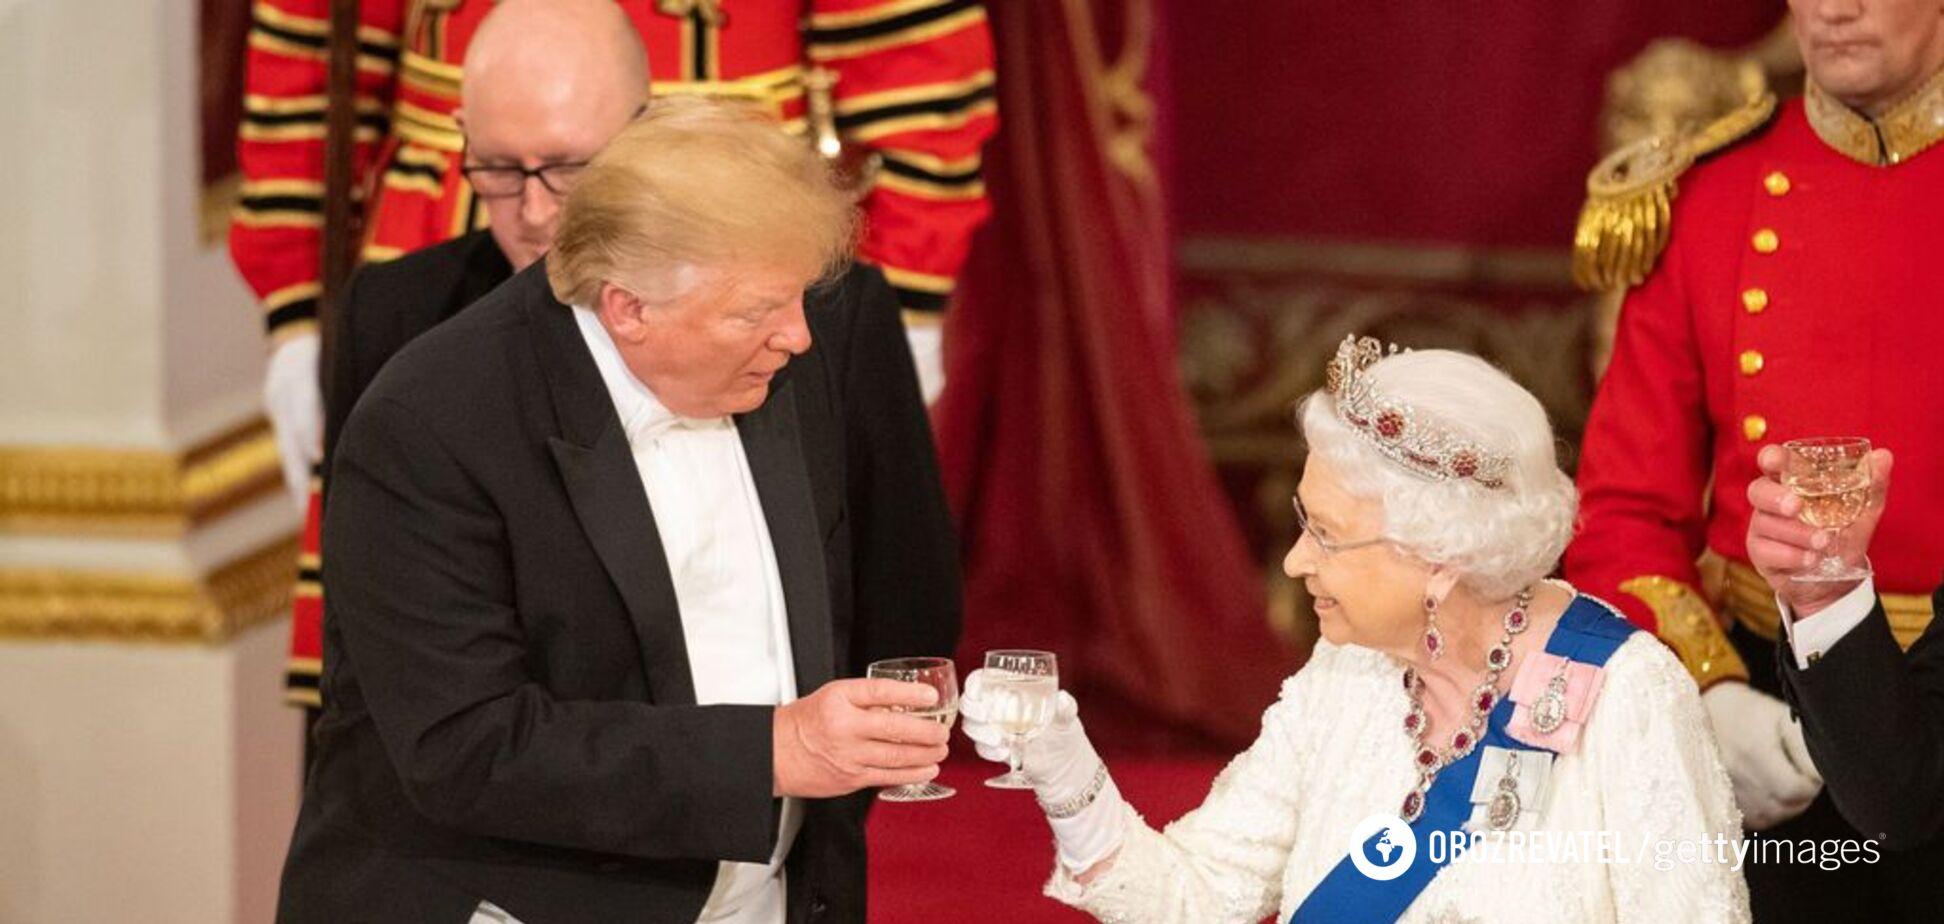 Заколисала: Трамп потрапив у новий конфуз із королевою Британії. Відеофакт